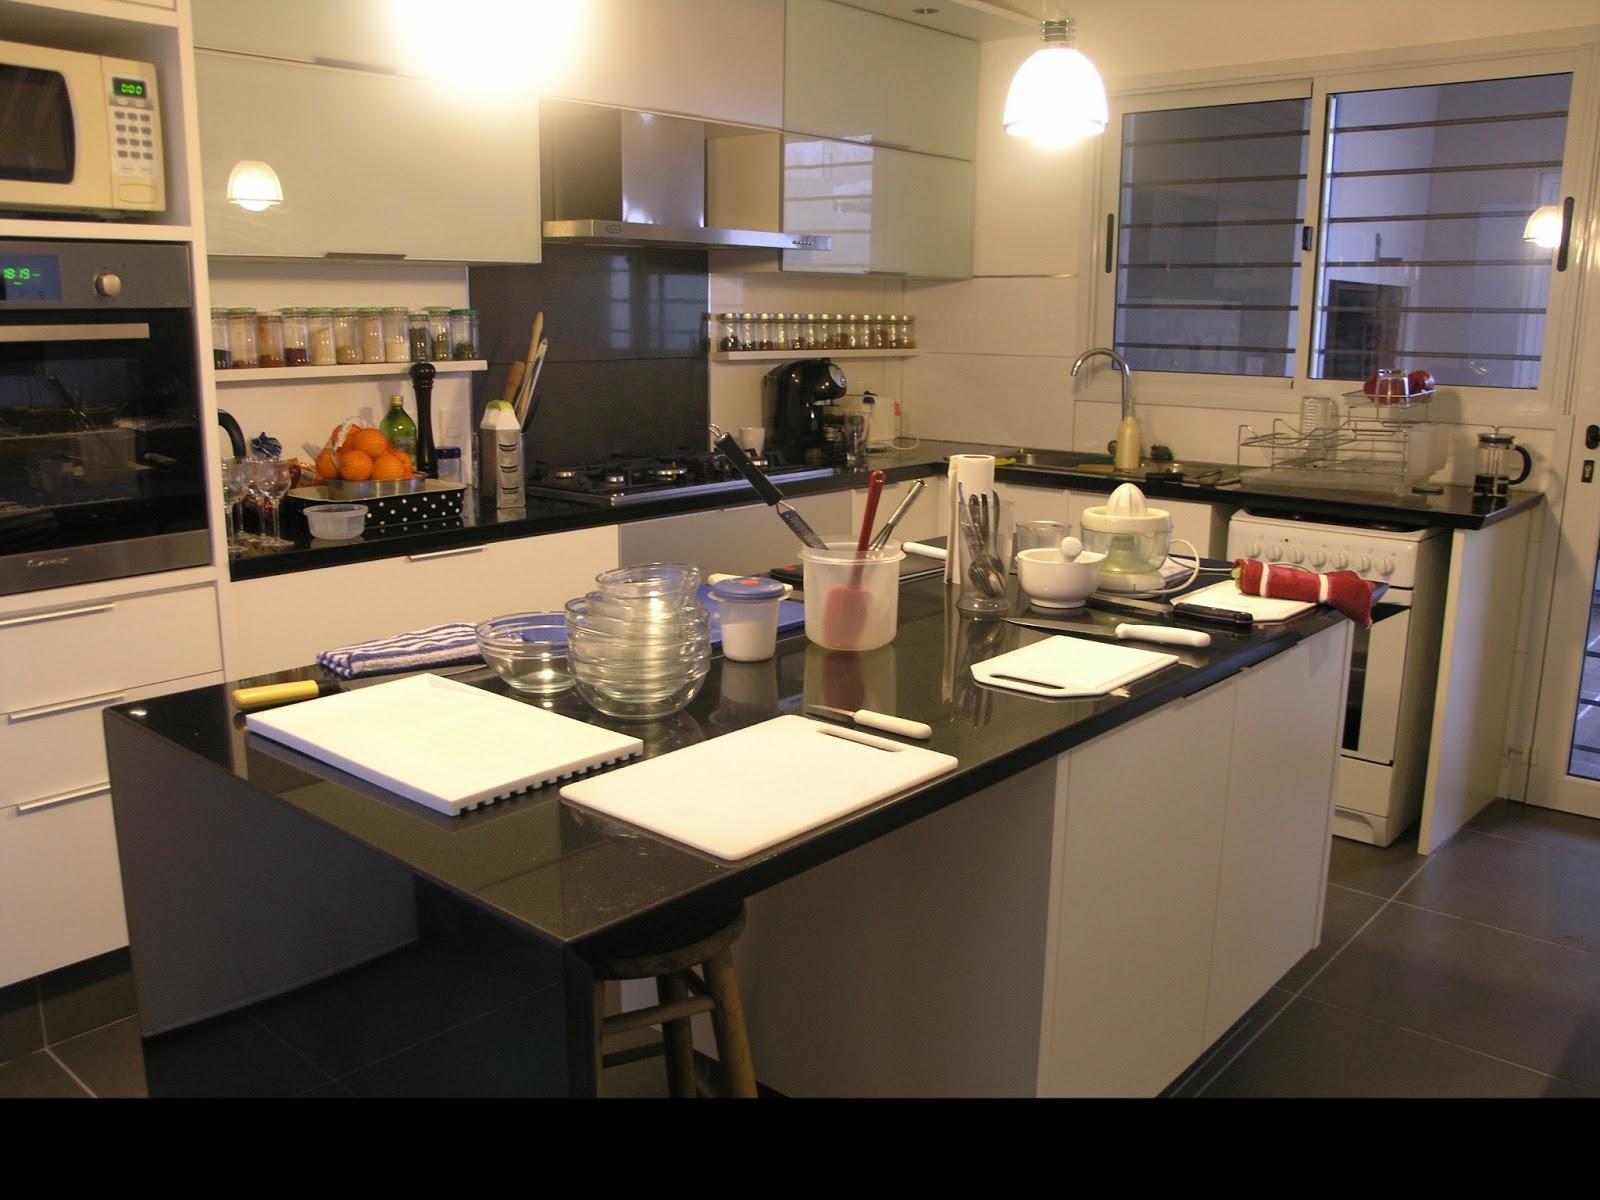 Mart n cocina clases con cenas - Cocina con clase ...